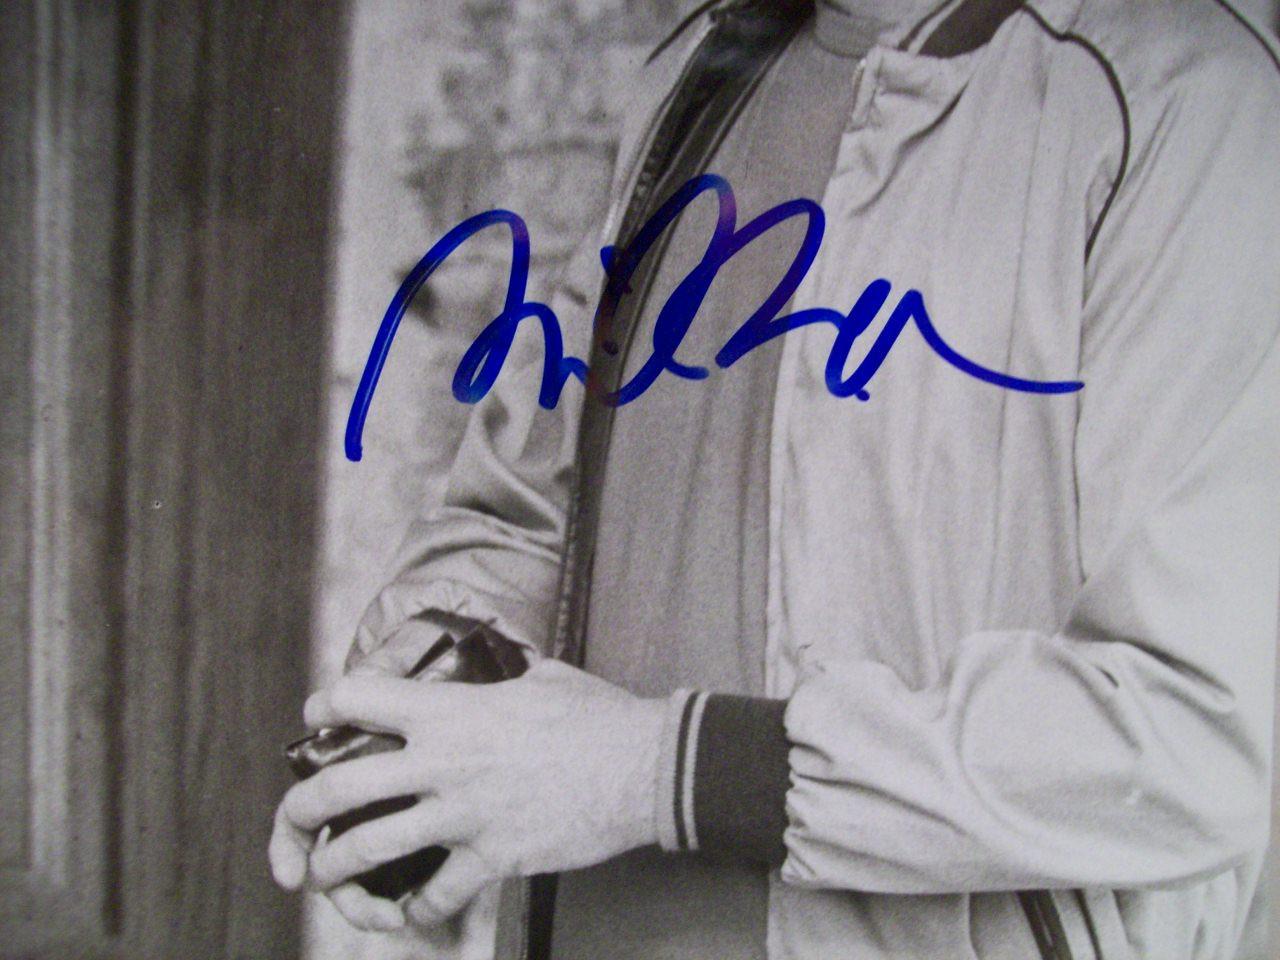 Mckean, Michael Photo Signed Autograph Daryl D.A.R.Y.L. 1985